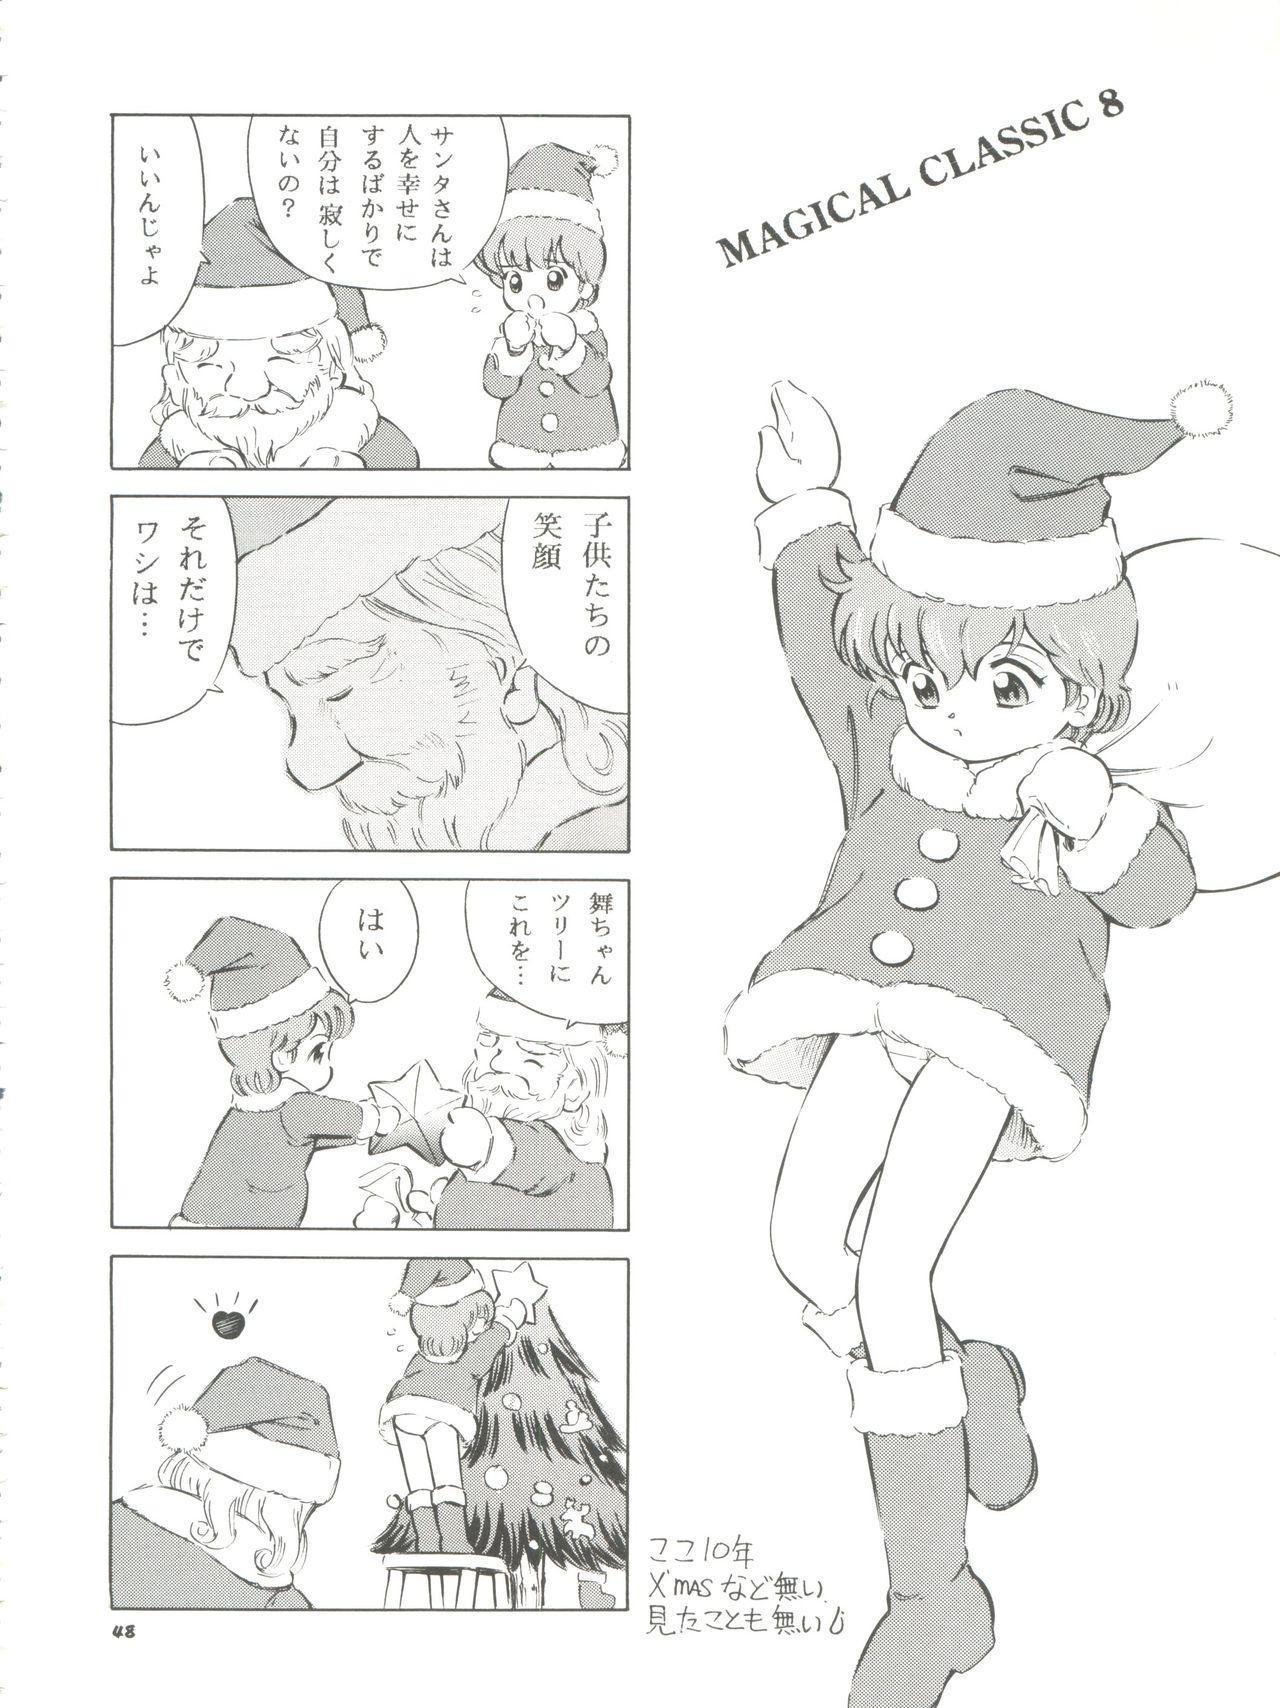 Mahou Kyuushiki 8 - Magical Classic 8 47